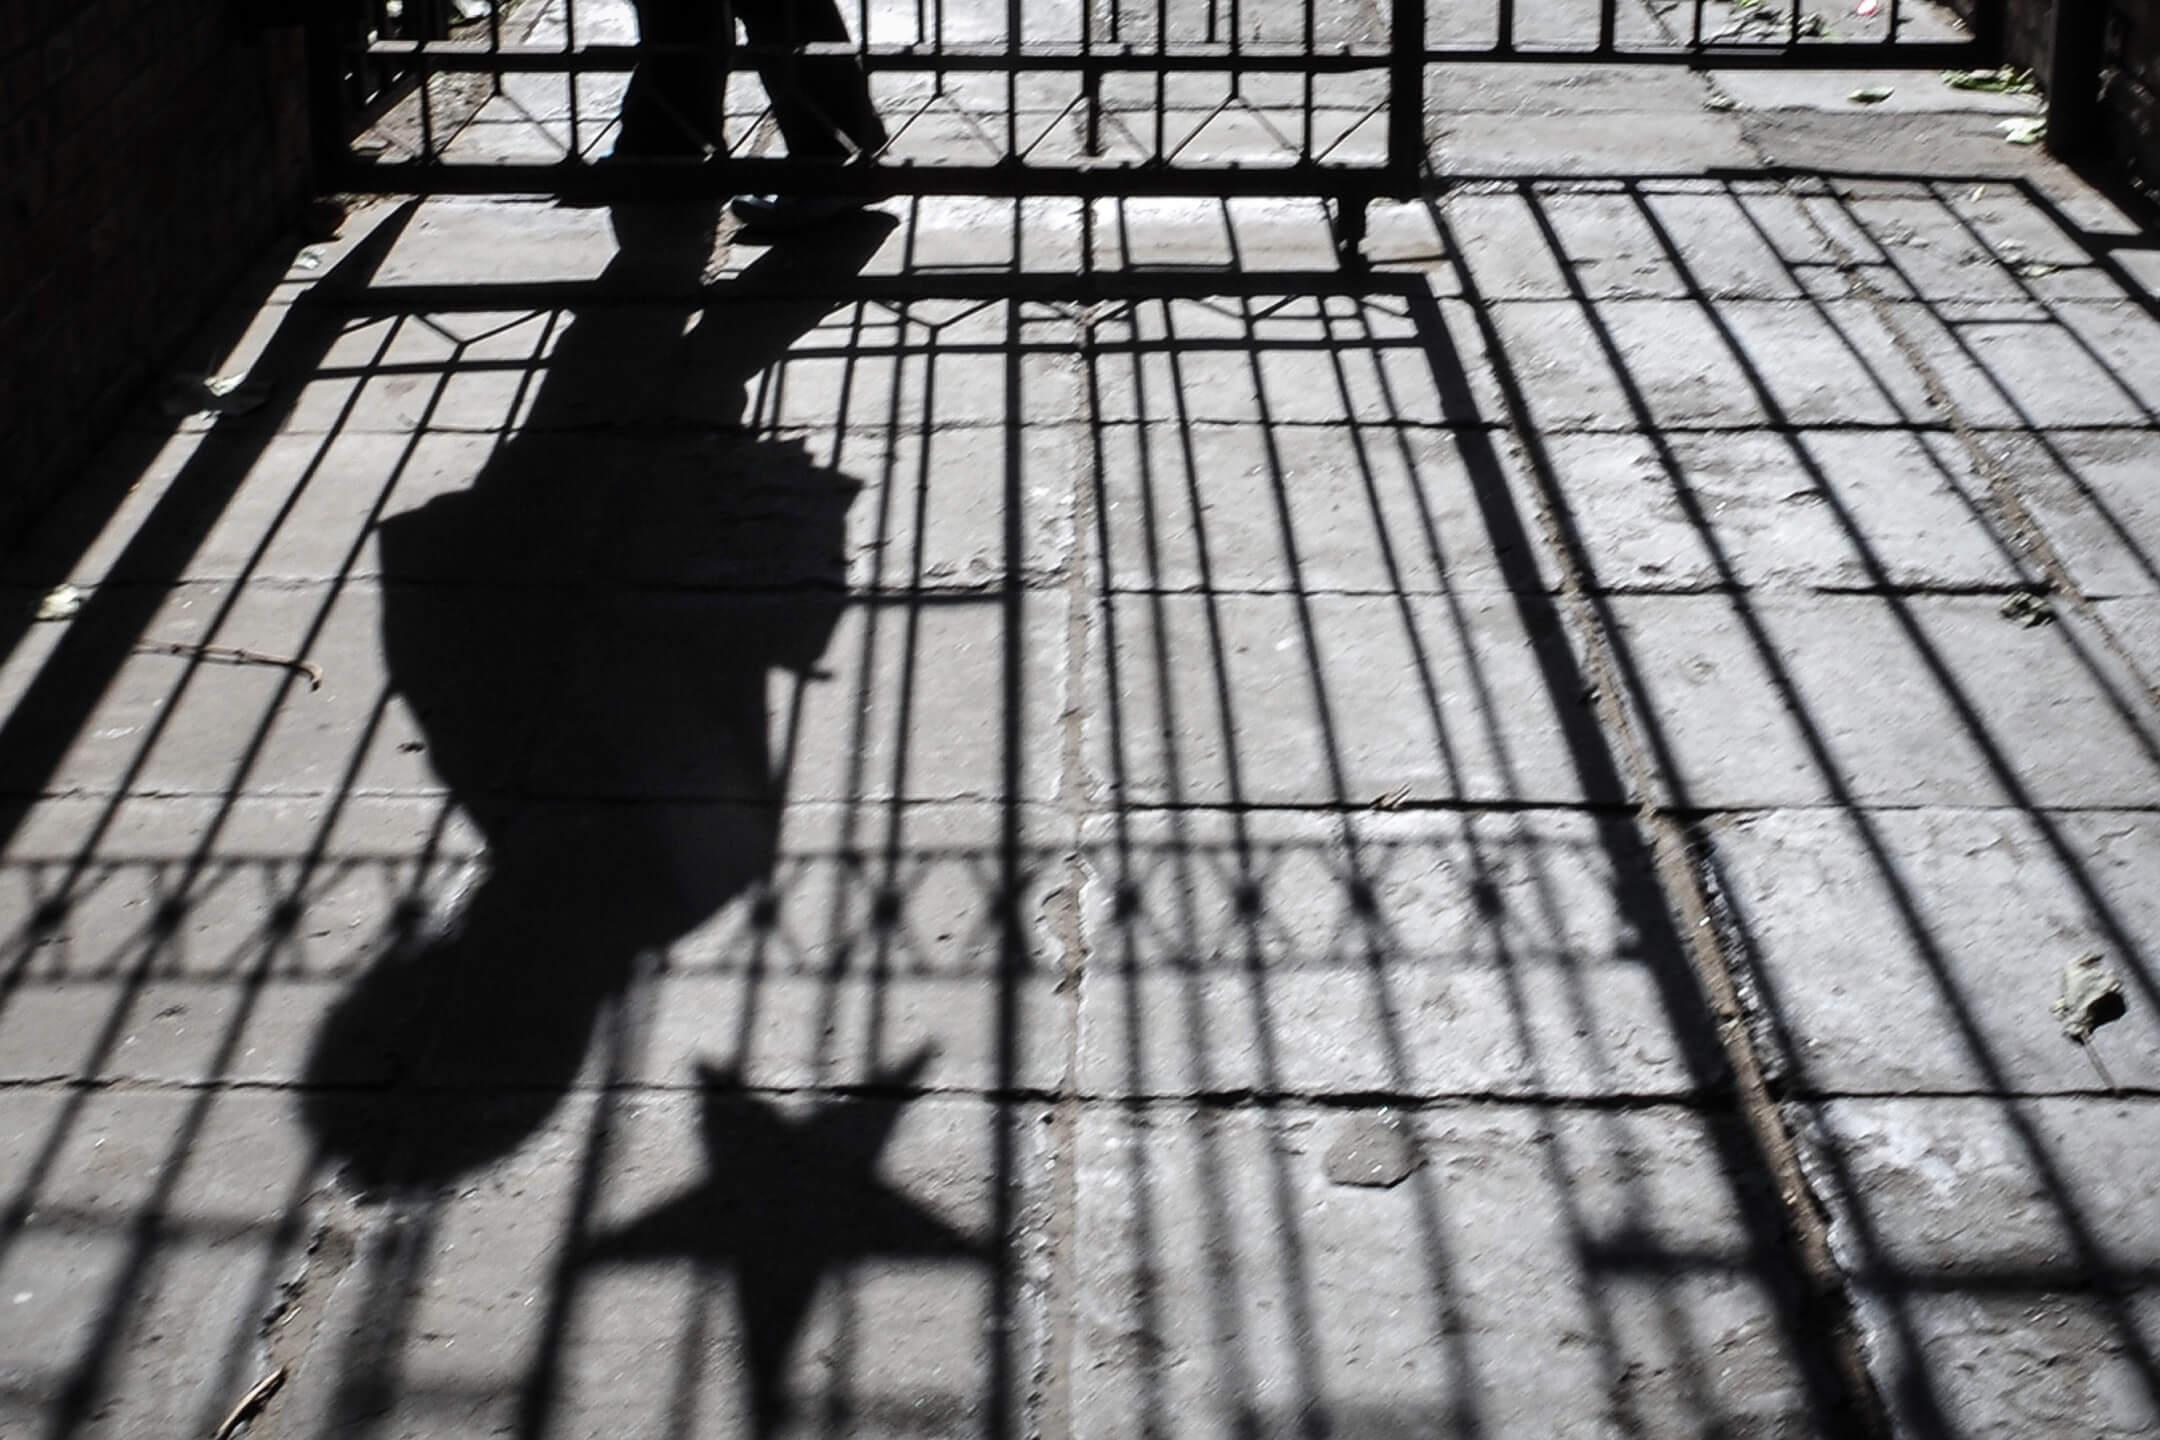 一路維權至今,任瀟瀟發現,相比對梁少宇的怨恨,她更不能釋懷的是:「明明他是施害者,自己是受害者,為什麼整個制度卻向着他,對着我開刀?維權的傷害遠遠比性侵的傷害大。」 攝:Frederic J. Brown/AFP/Getty Images